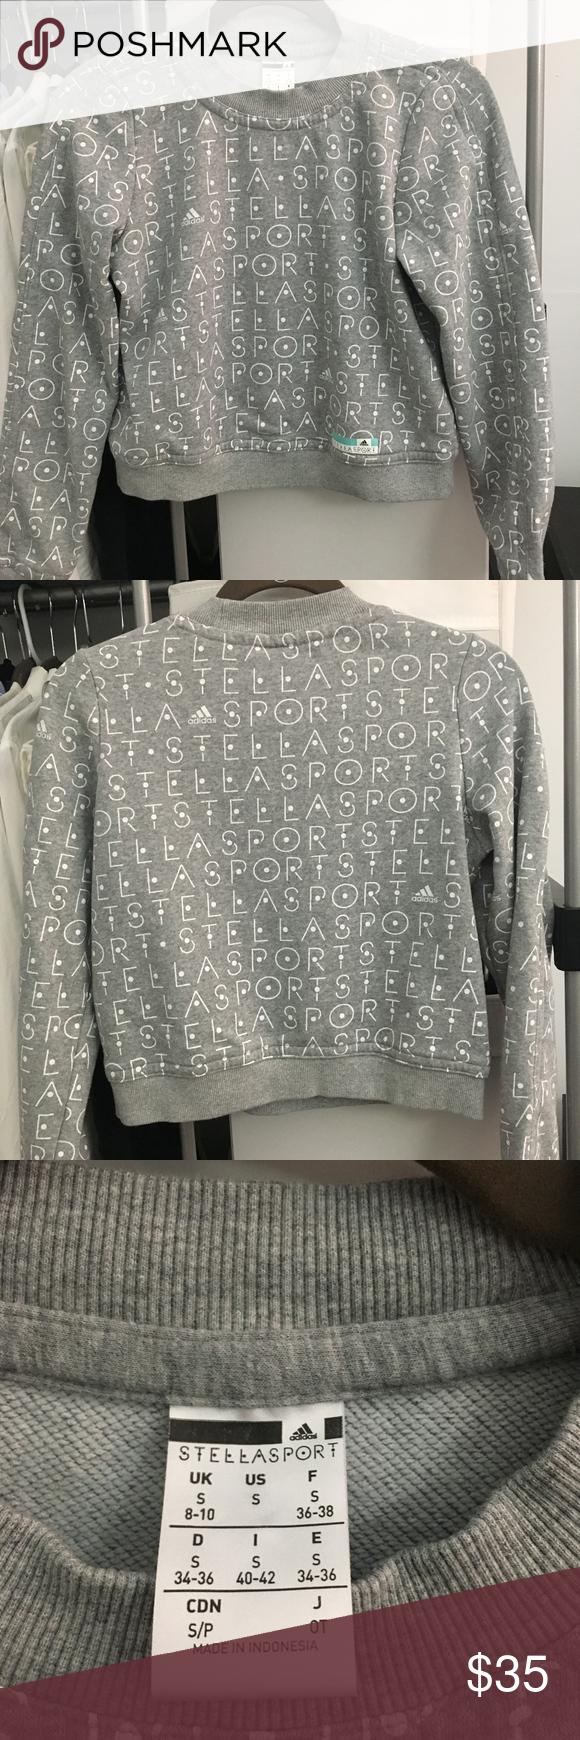 Oceanía Cordelia Autenticación  Adidas Stella McCartney Crop Sweatshirt in 2020 | Stella mccartney adidas,  Crop sweatshirt, Stella mccartney